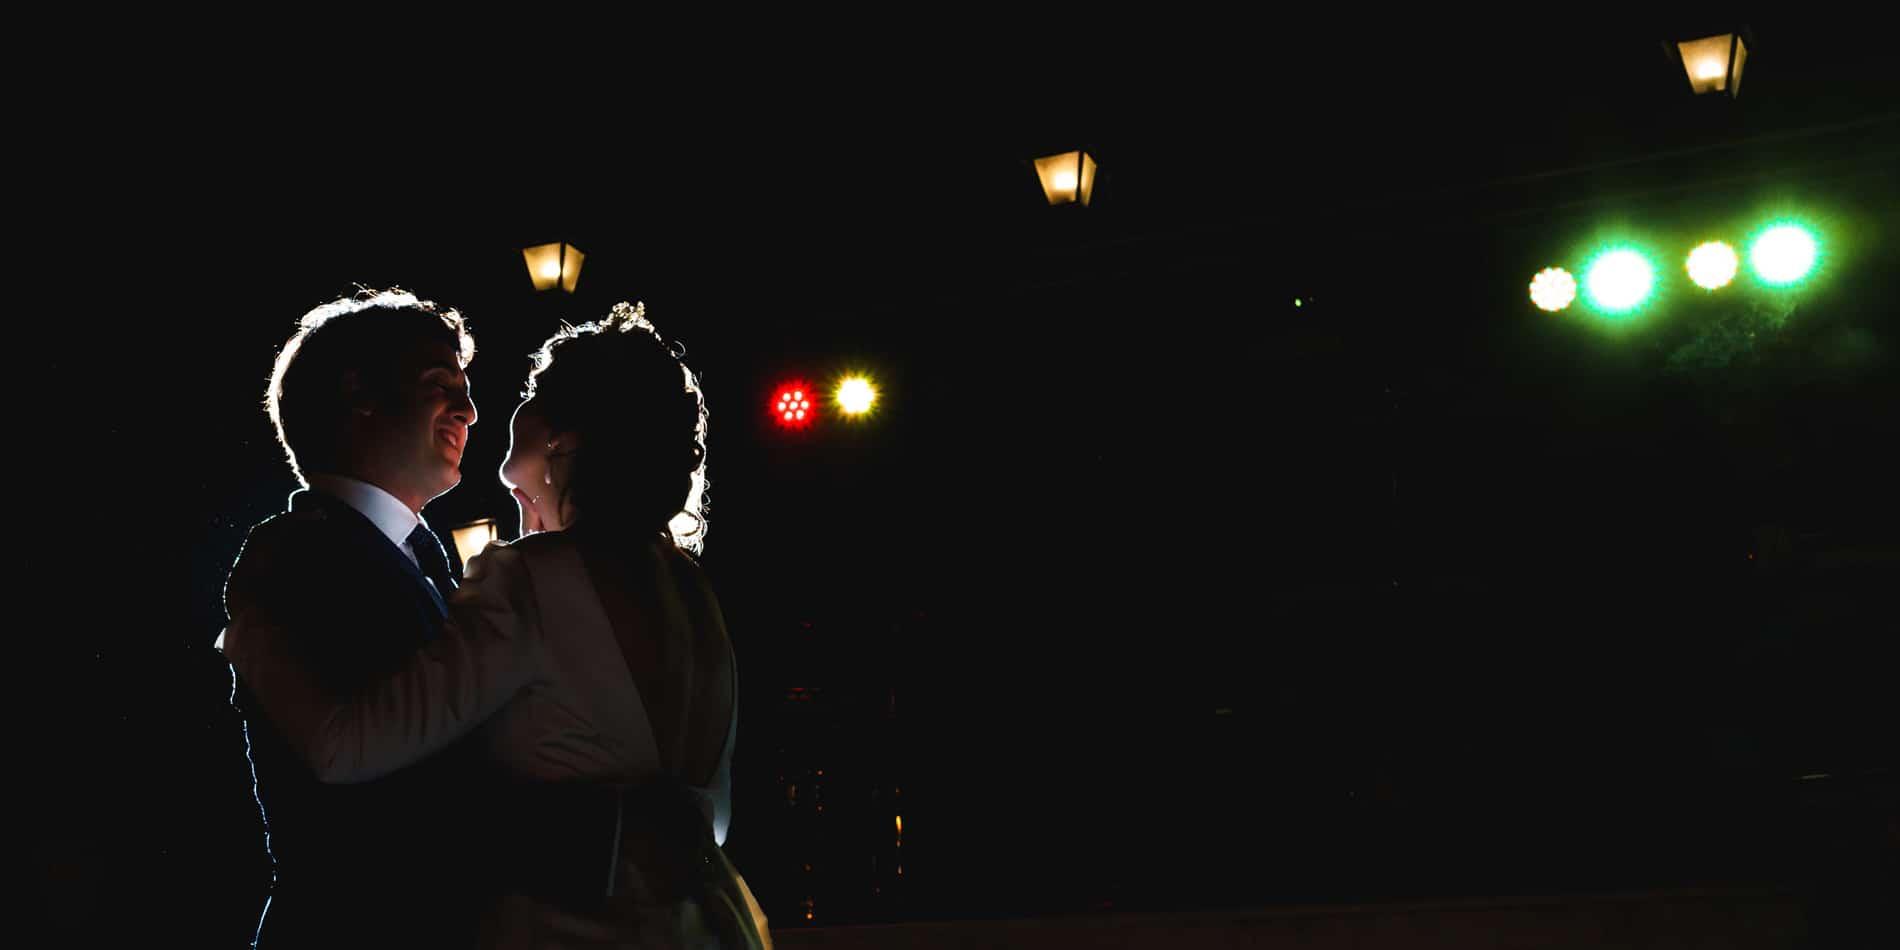 novios en baile nupcial a contraluz con focos de fonde